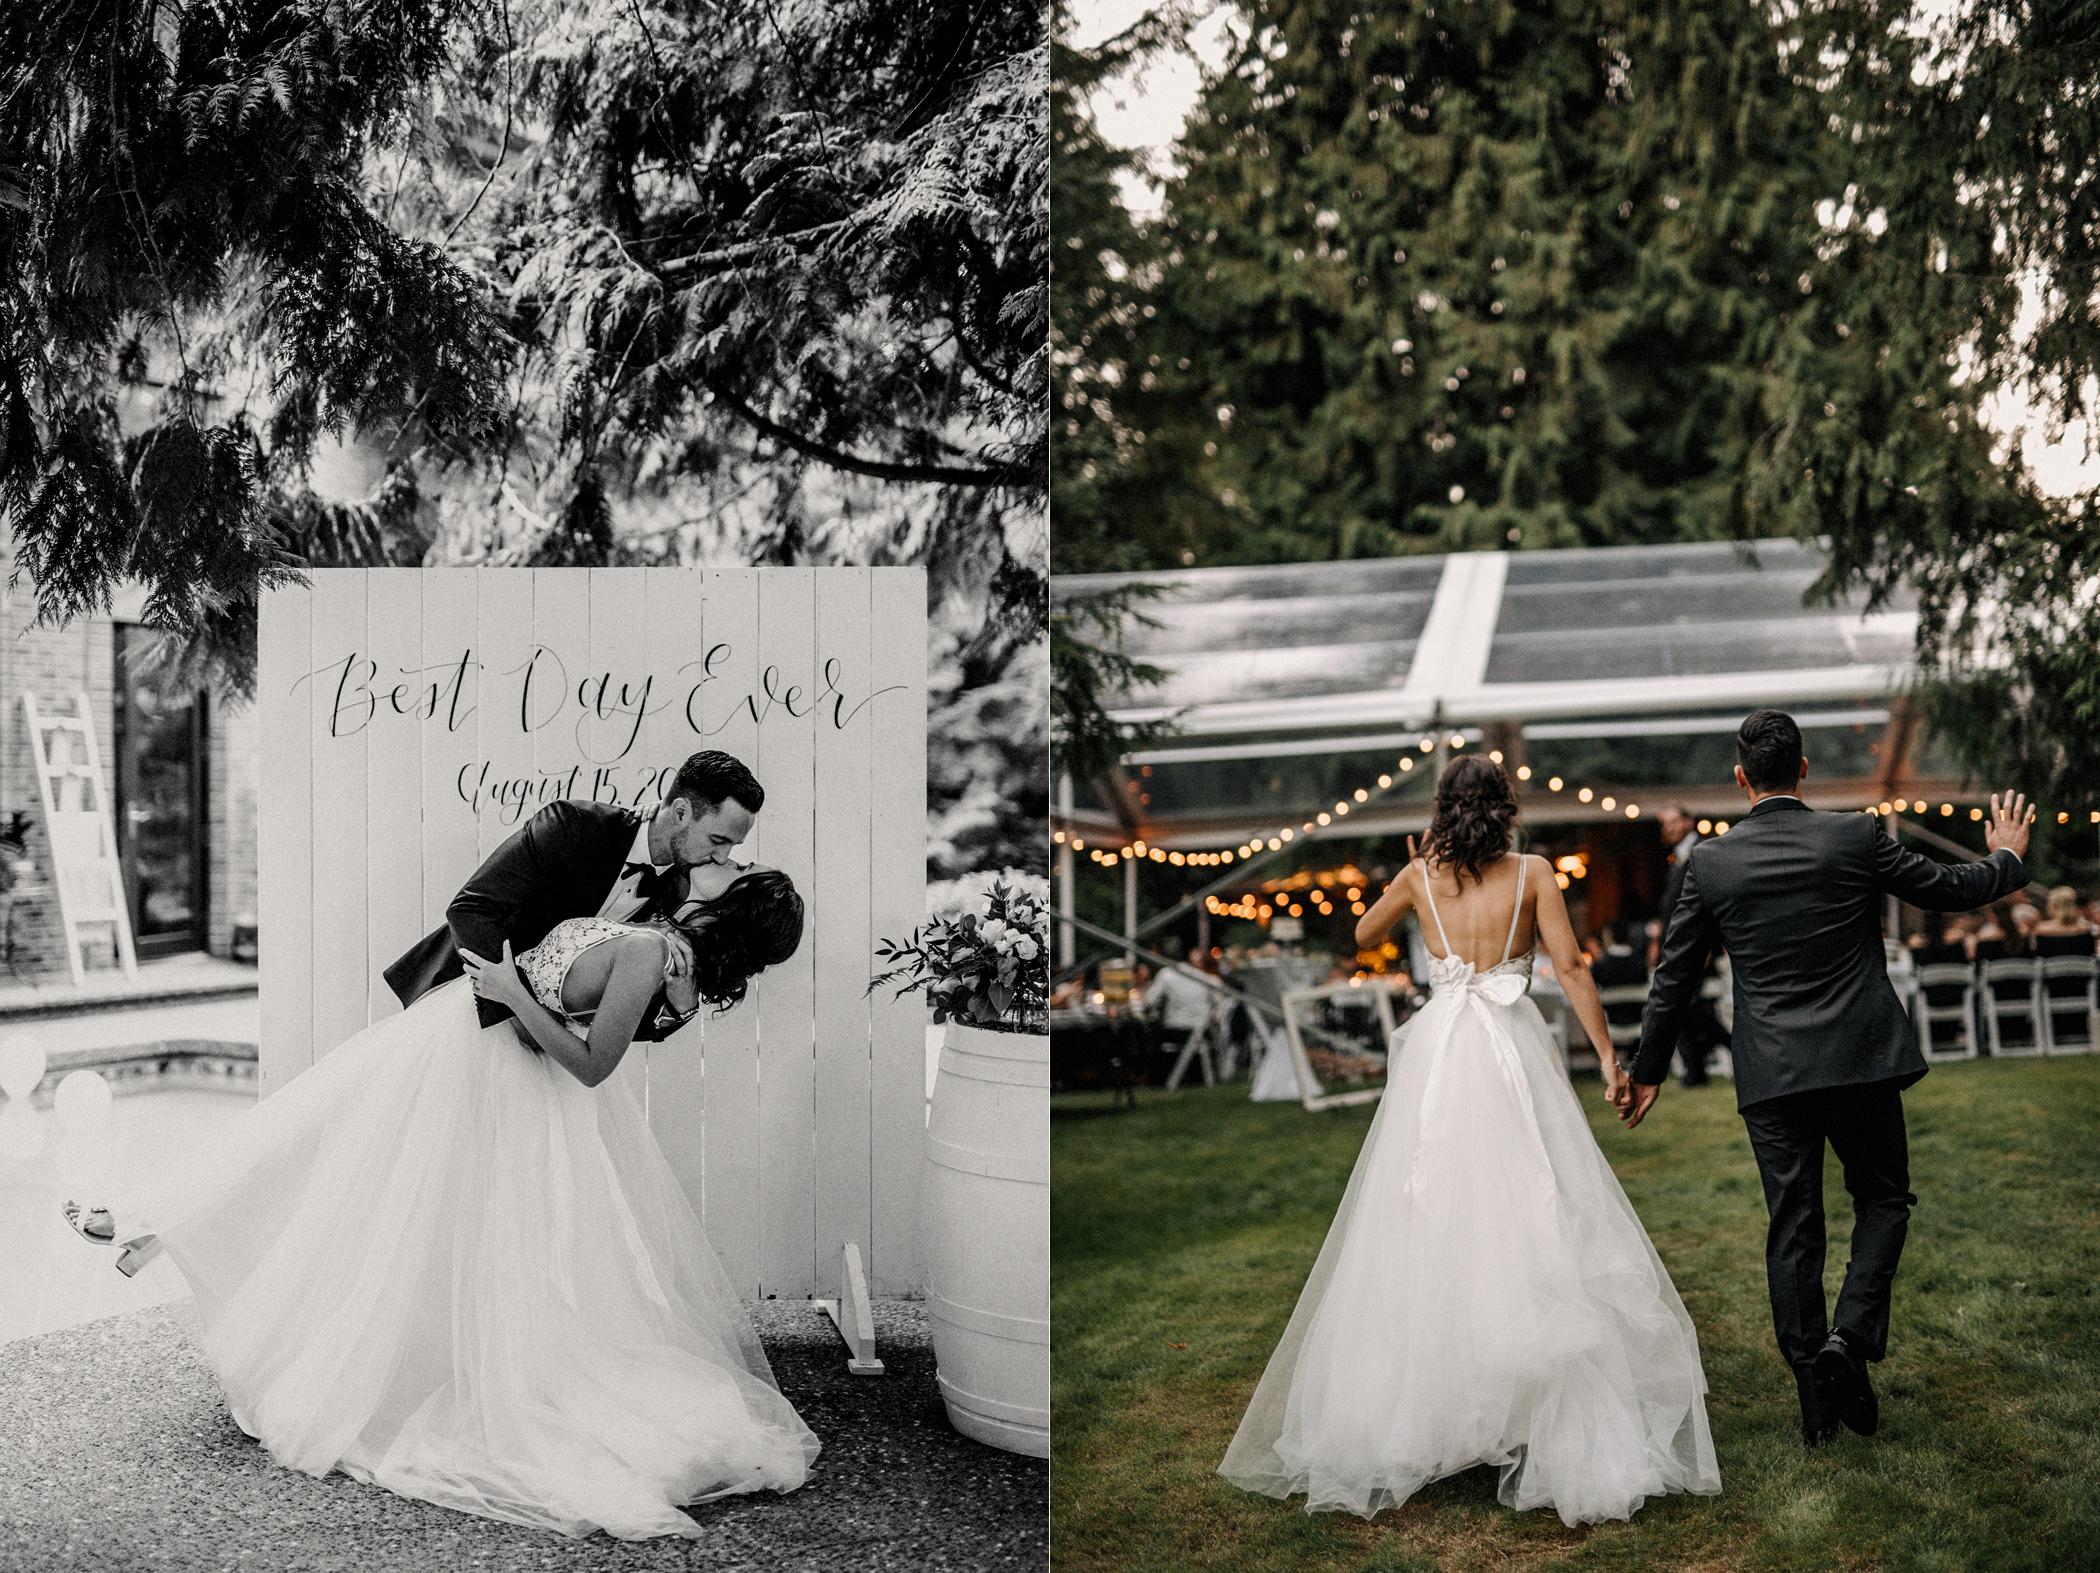 083-kaoverii-silva-KR-wedding-vancouver-photography-blog.png